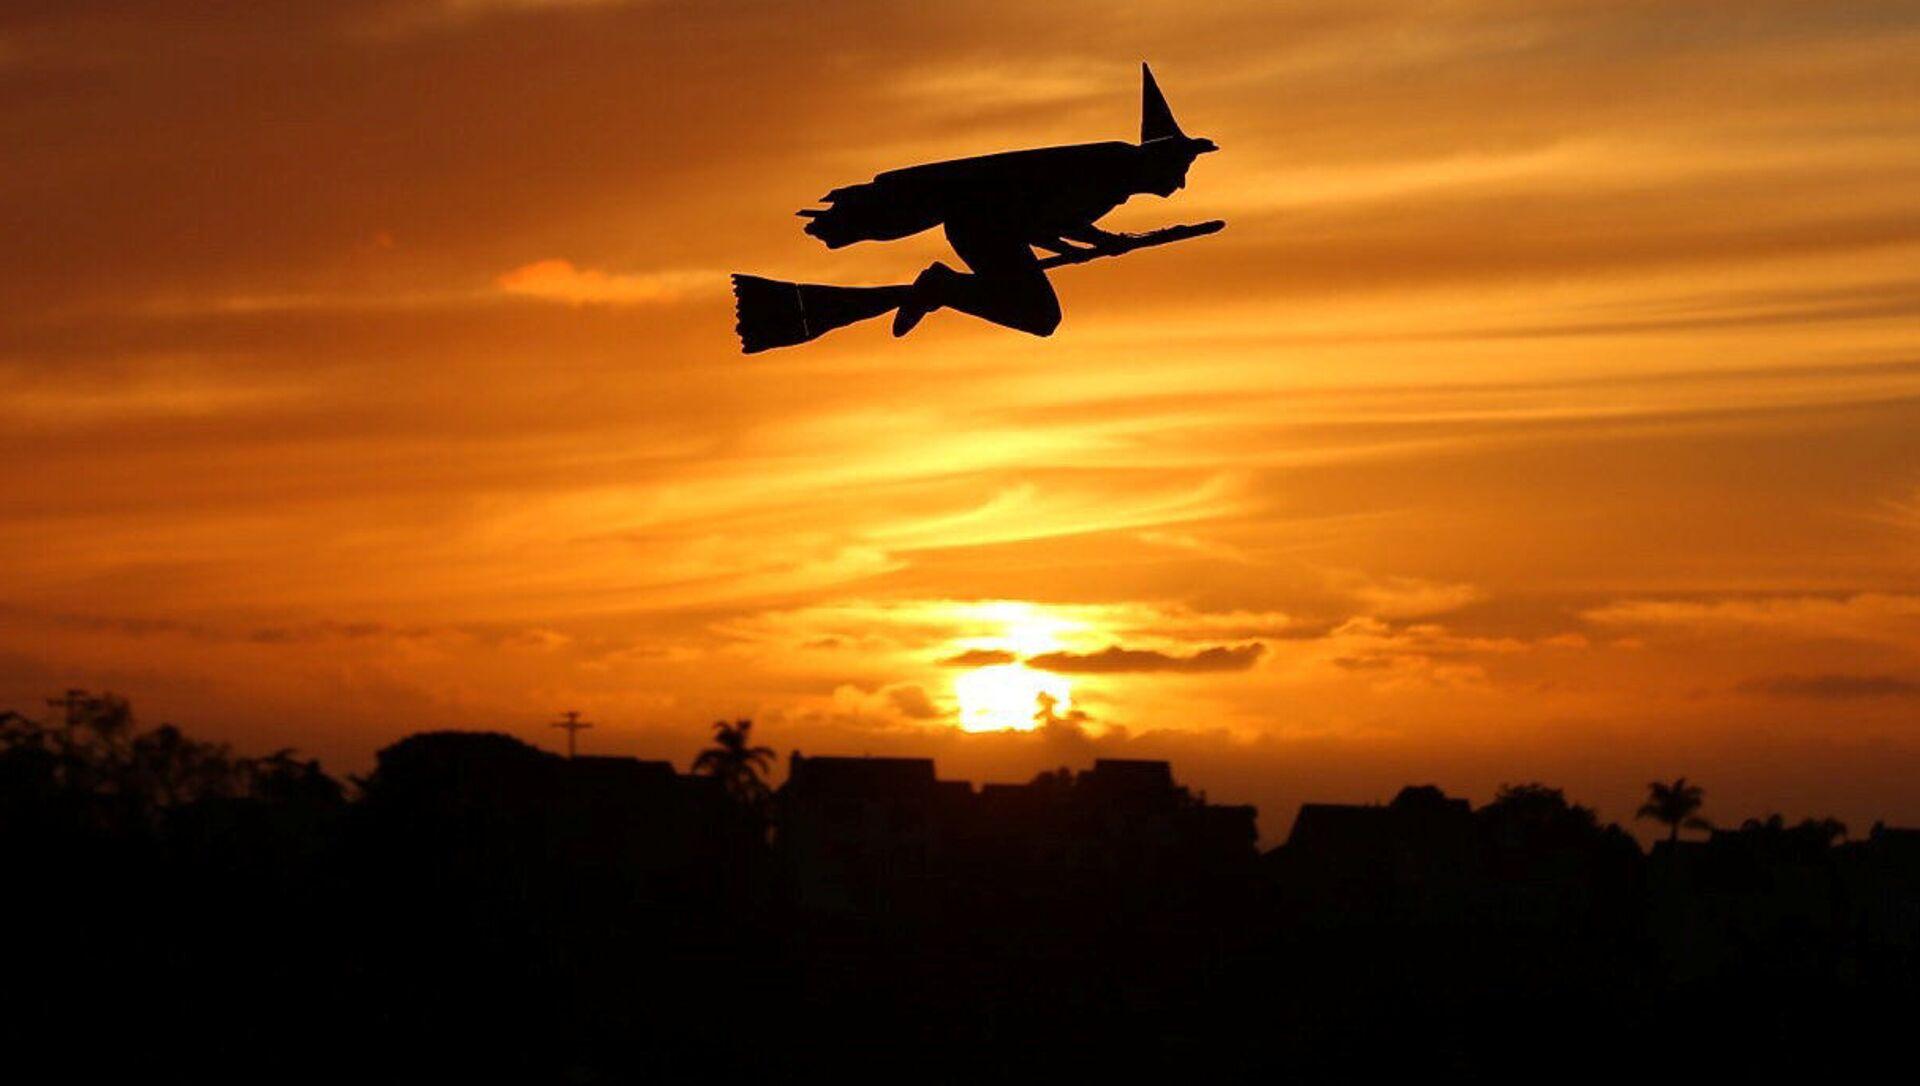 Самолет на радиоуправлении в виде ведьмы на закате в Калифорнии - Sputnik 日本, 1920, 29.09.2021